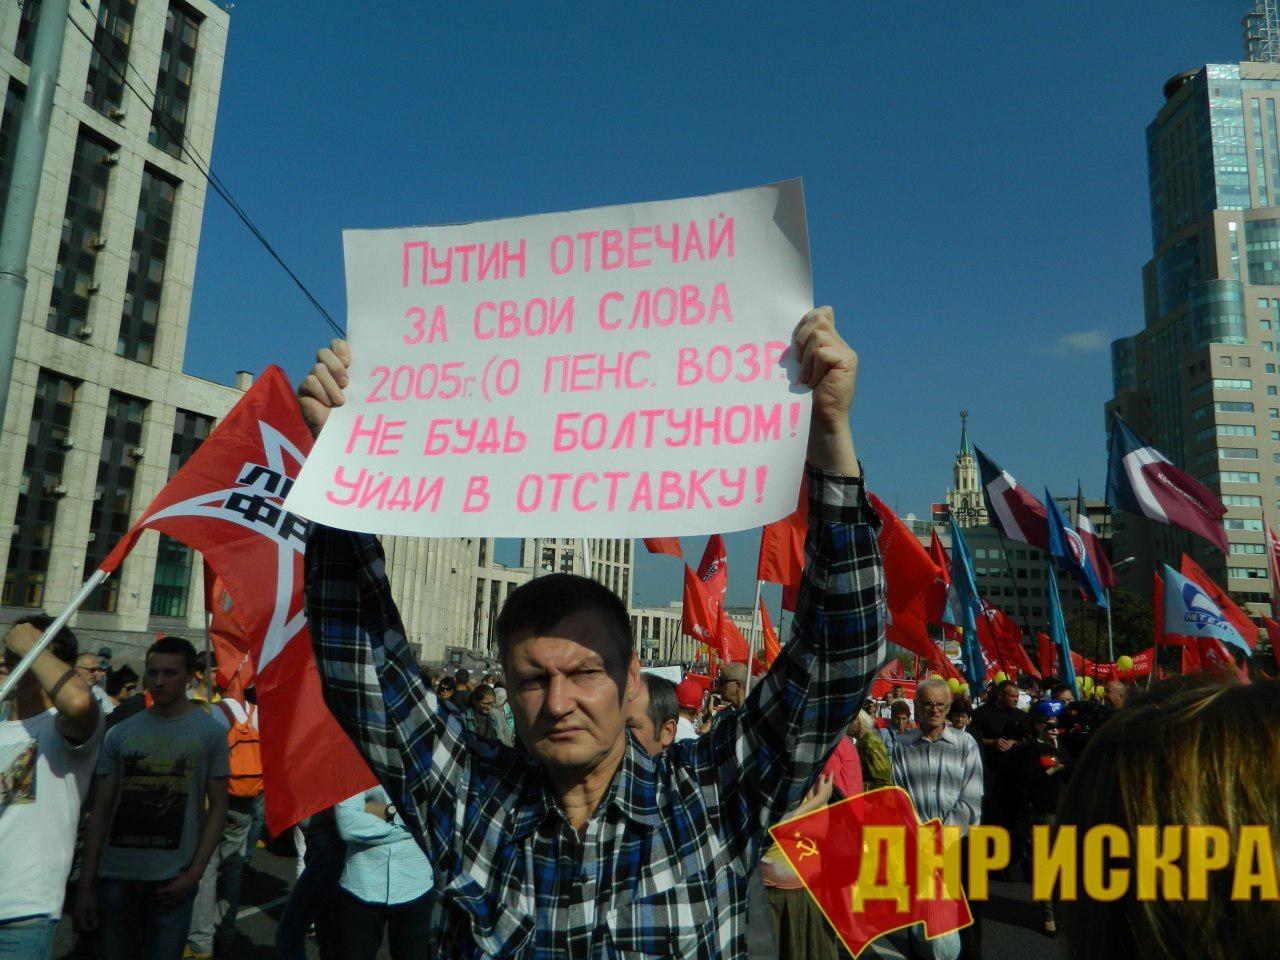 Москва: Митинг против пенсионной реформы потребовал отставки Путина и Медведева (Видео)